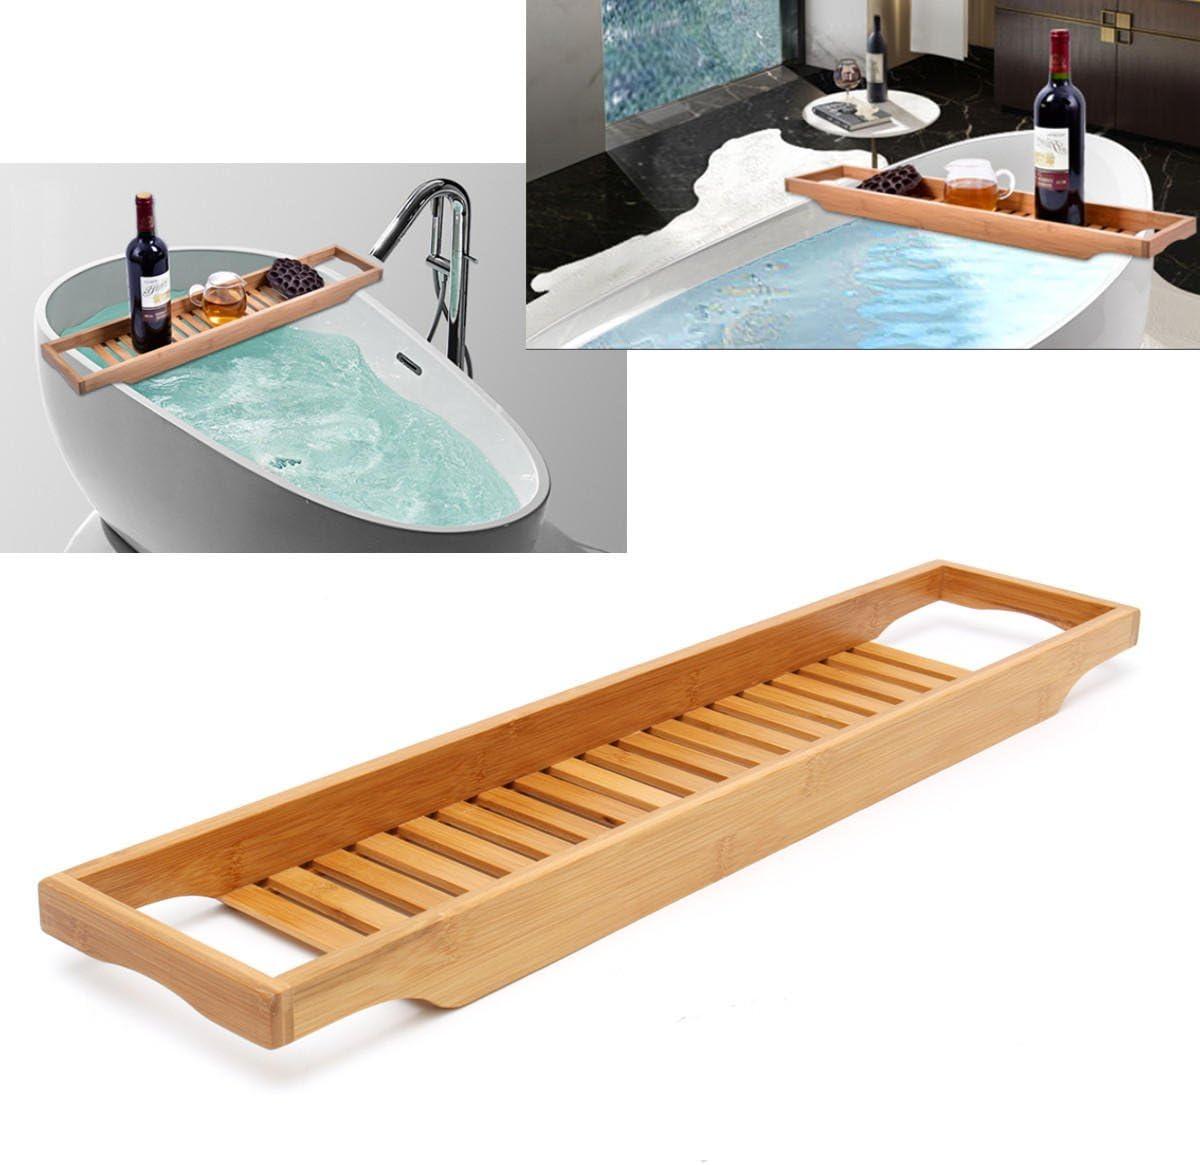 JIEIIFAFH Bathroom Bath Fresno Mall Shelf Bamboo Tray Holder New mail order Caddy Tub Wine